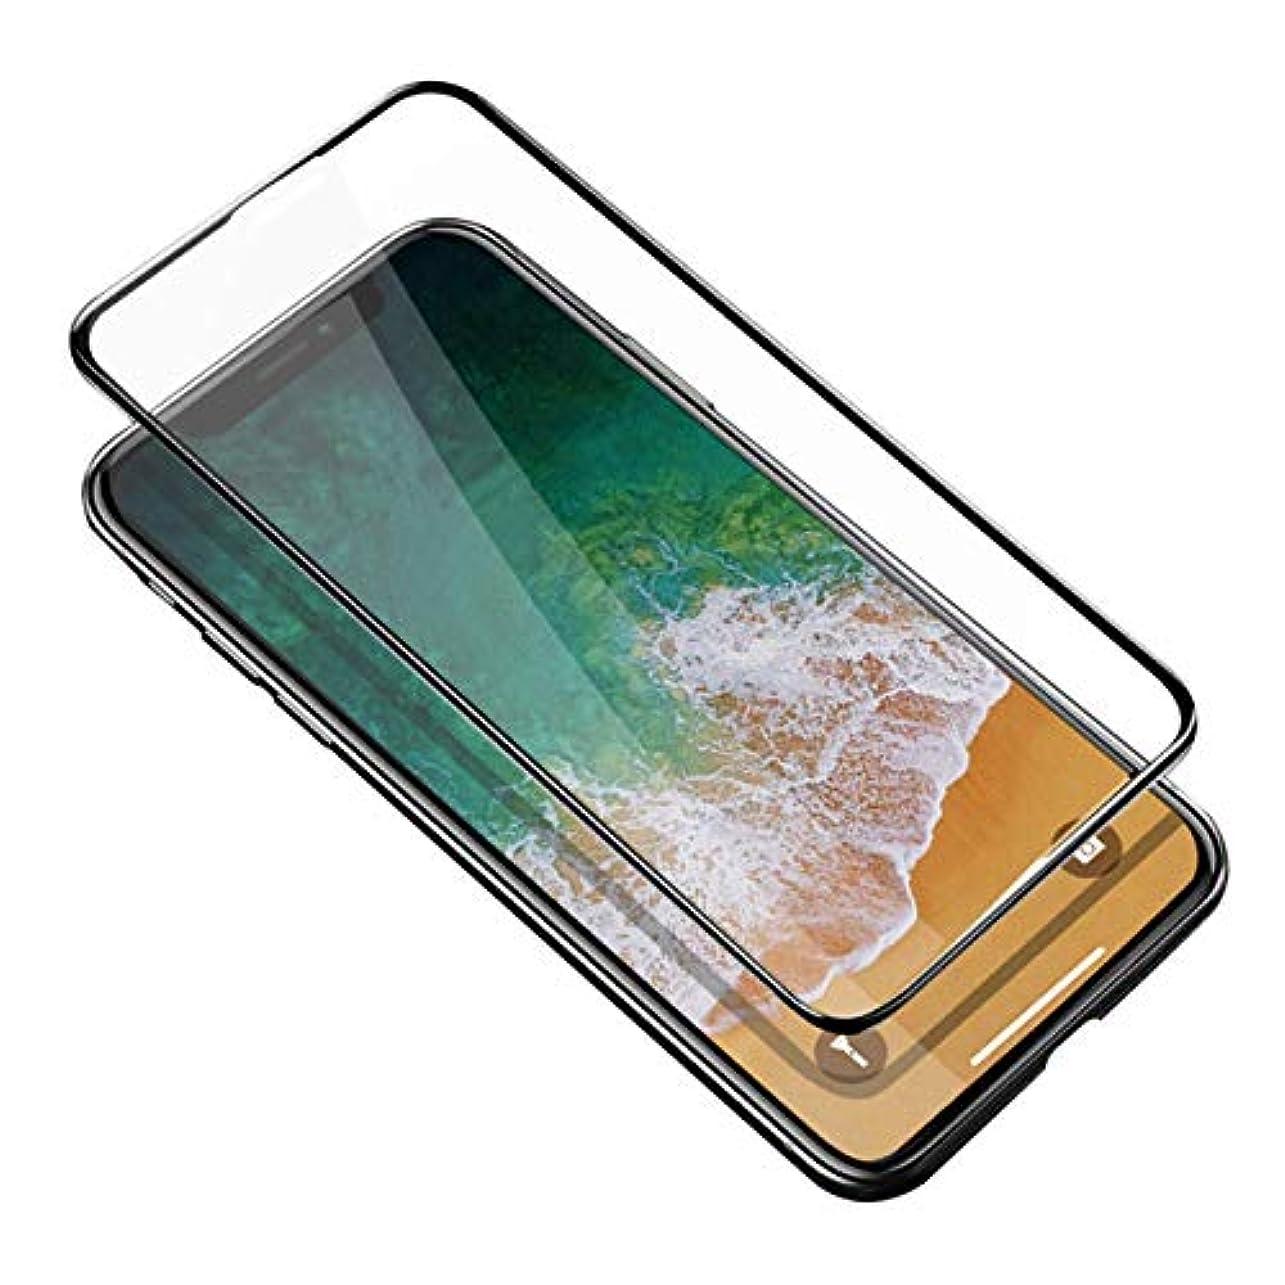 怖がらせるトン手つかずのフィルムiPhone X 全面保護フィルム 画面鮮やか 高感度タッチ 透明 強化ガラスフィルム 保護フィルム 気泡ゼロ 耐衝撃 極薄 貼り付け簡単 飛散防止 液晶強化ガラス 背面クリア7038